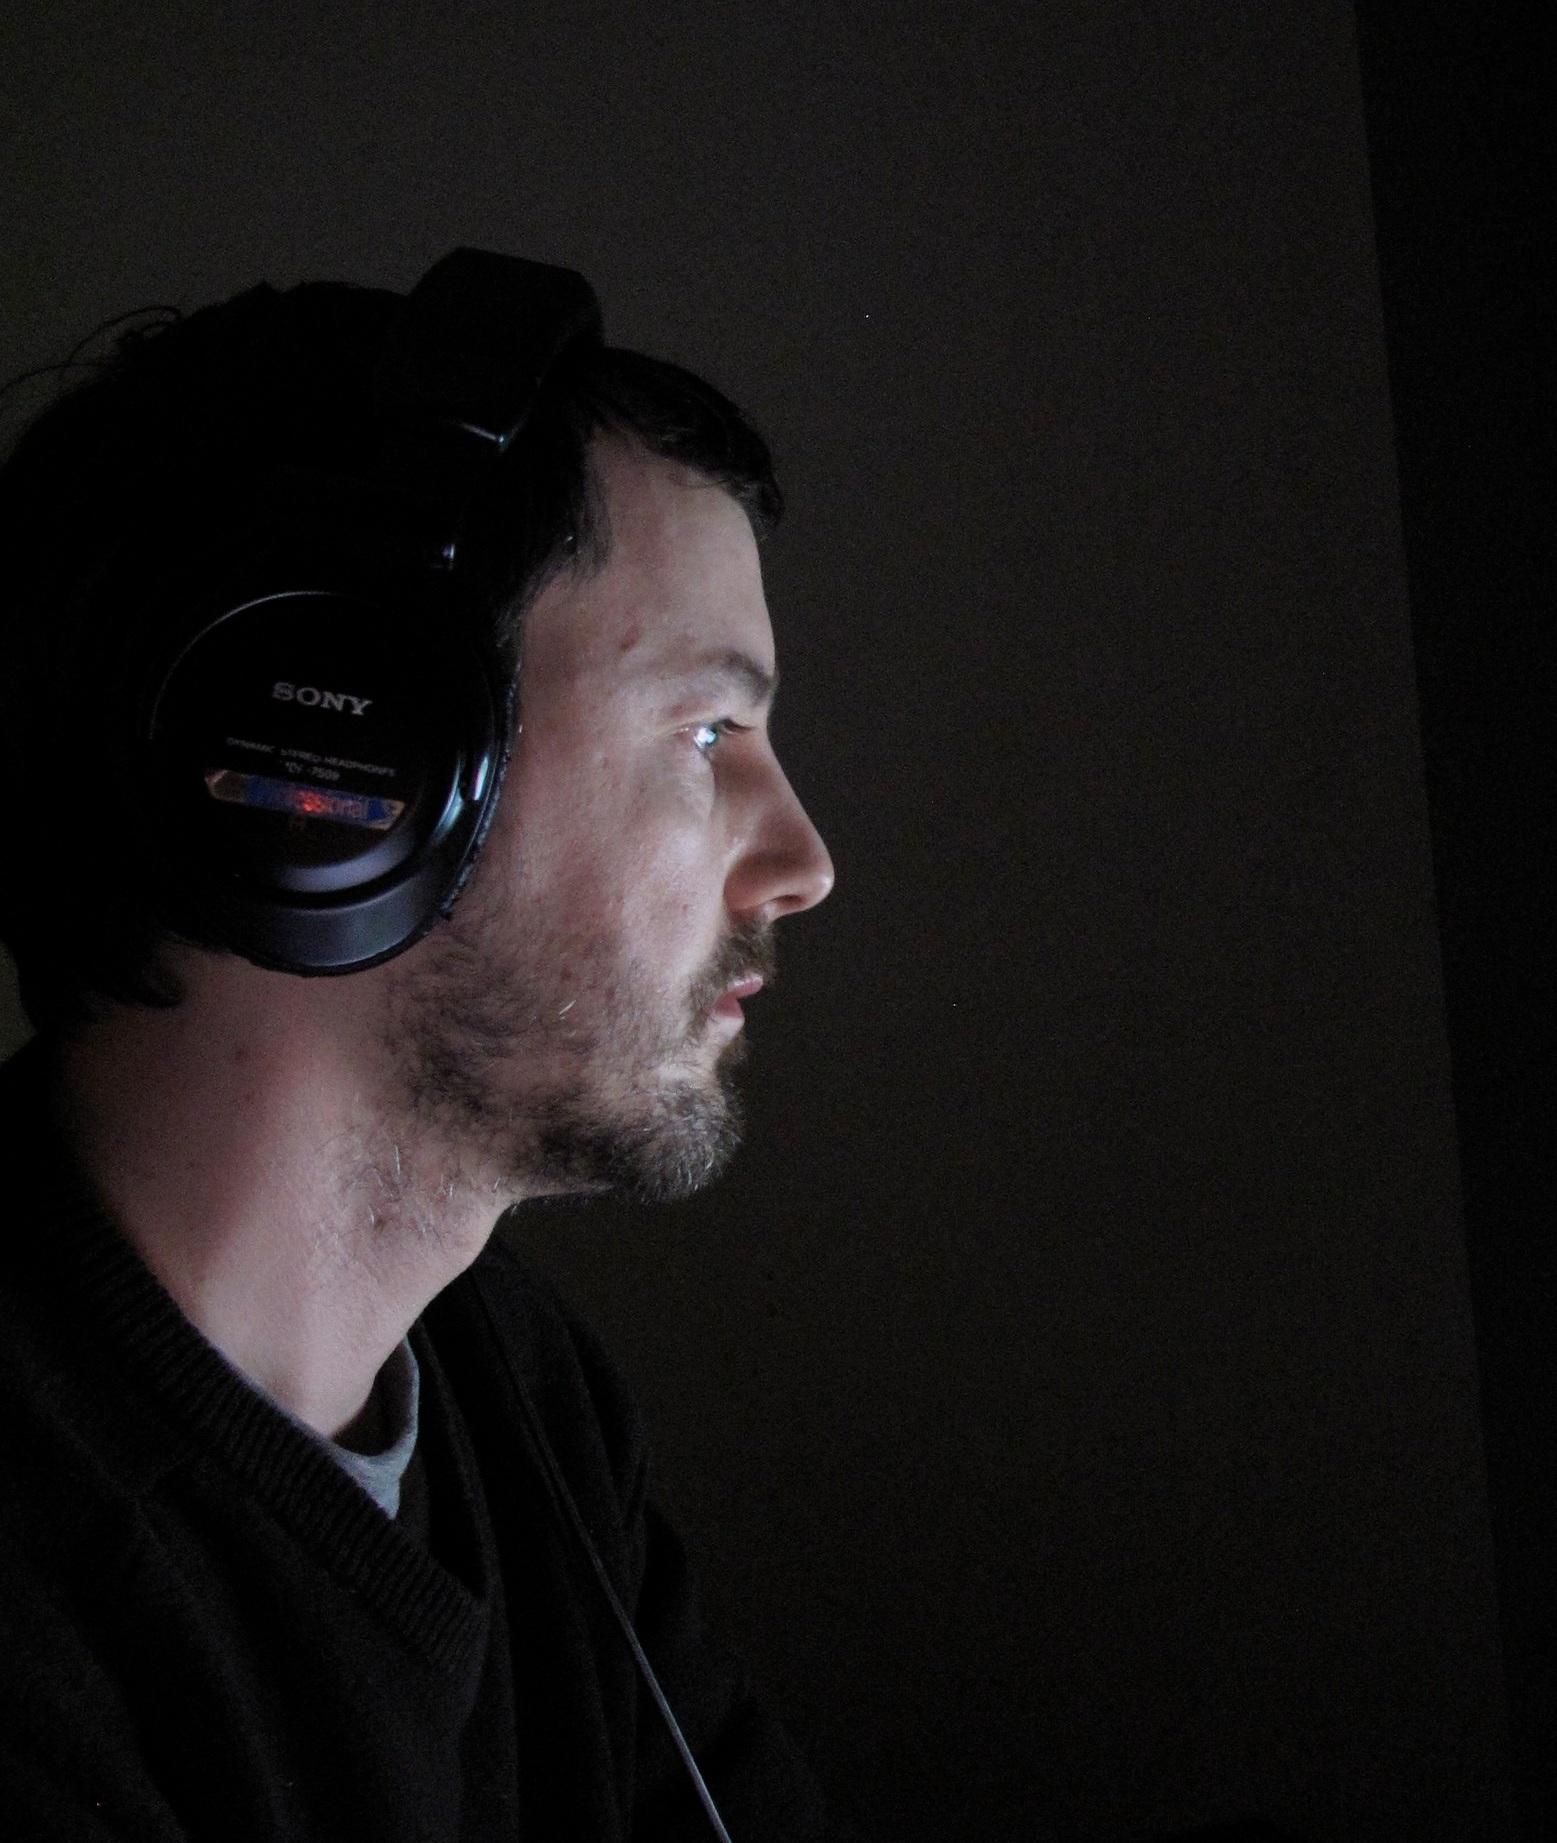 Kieran+Profile.jpg